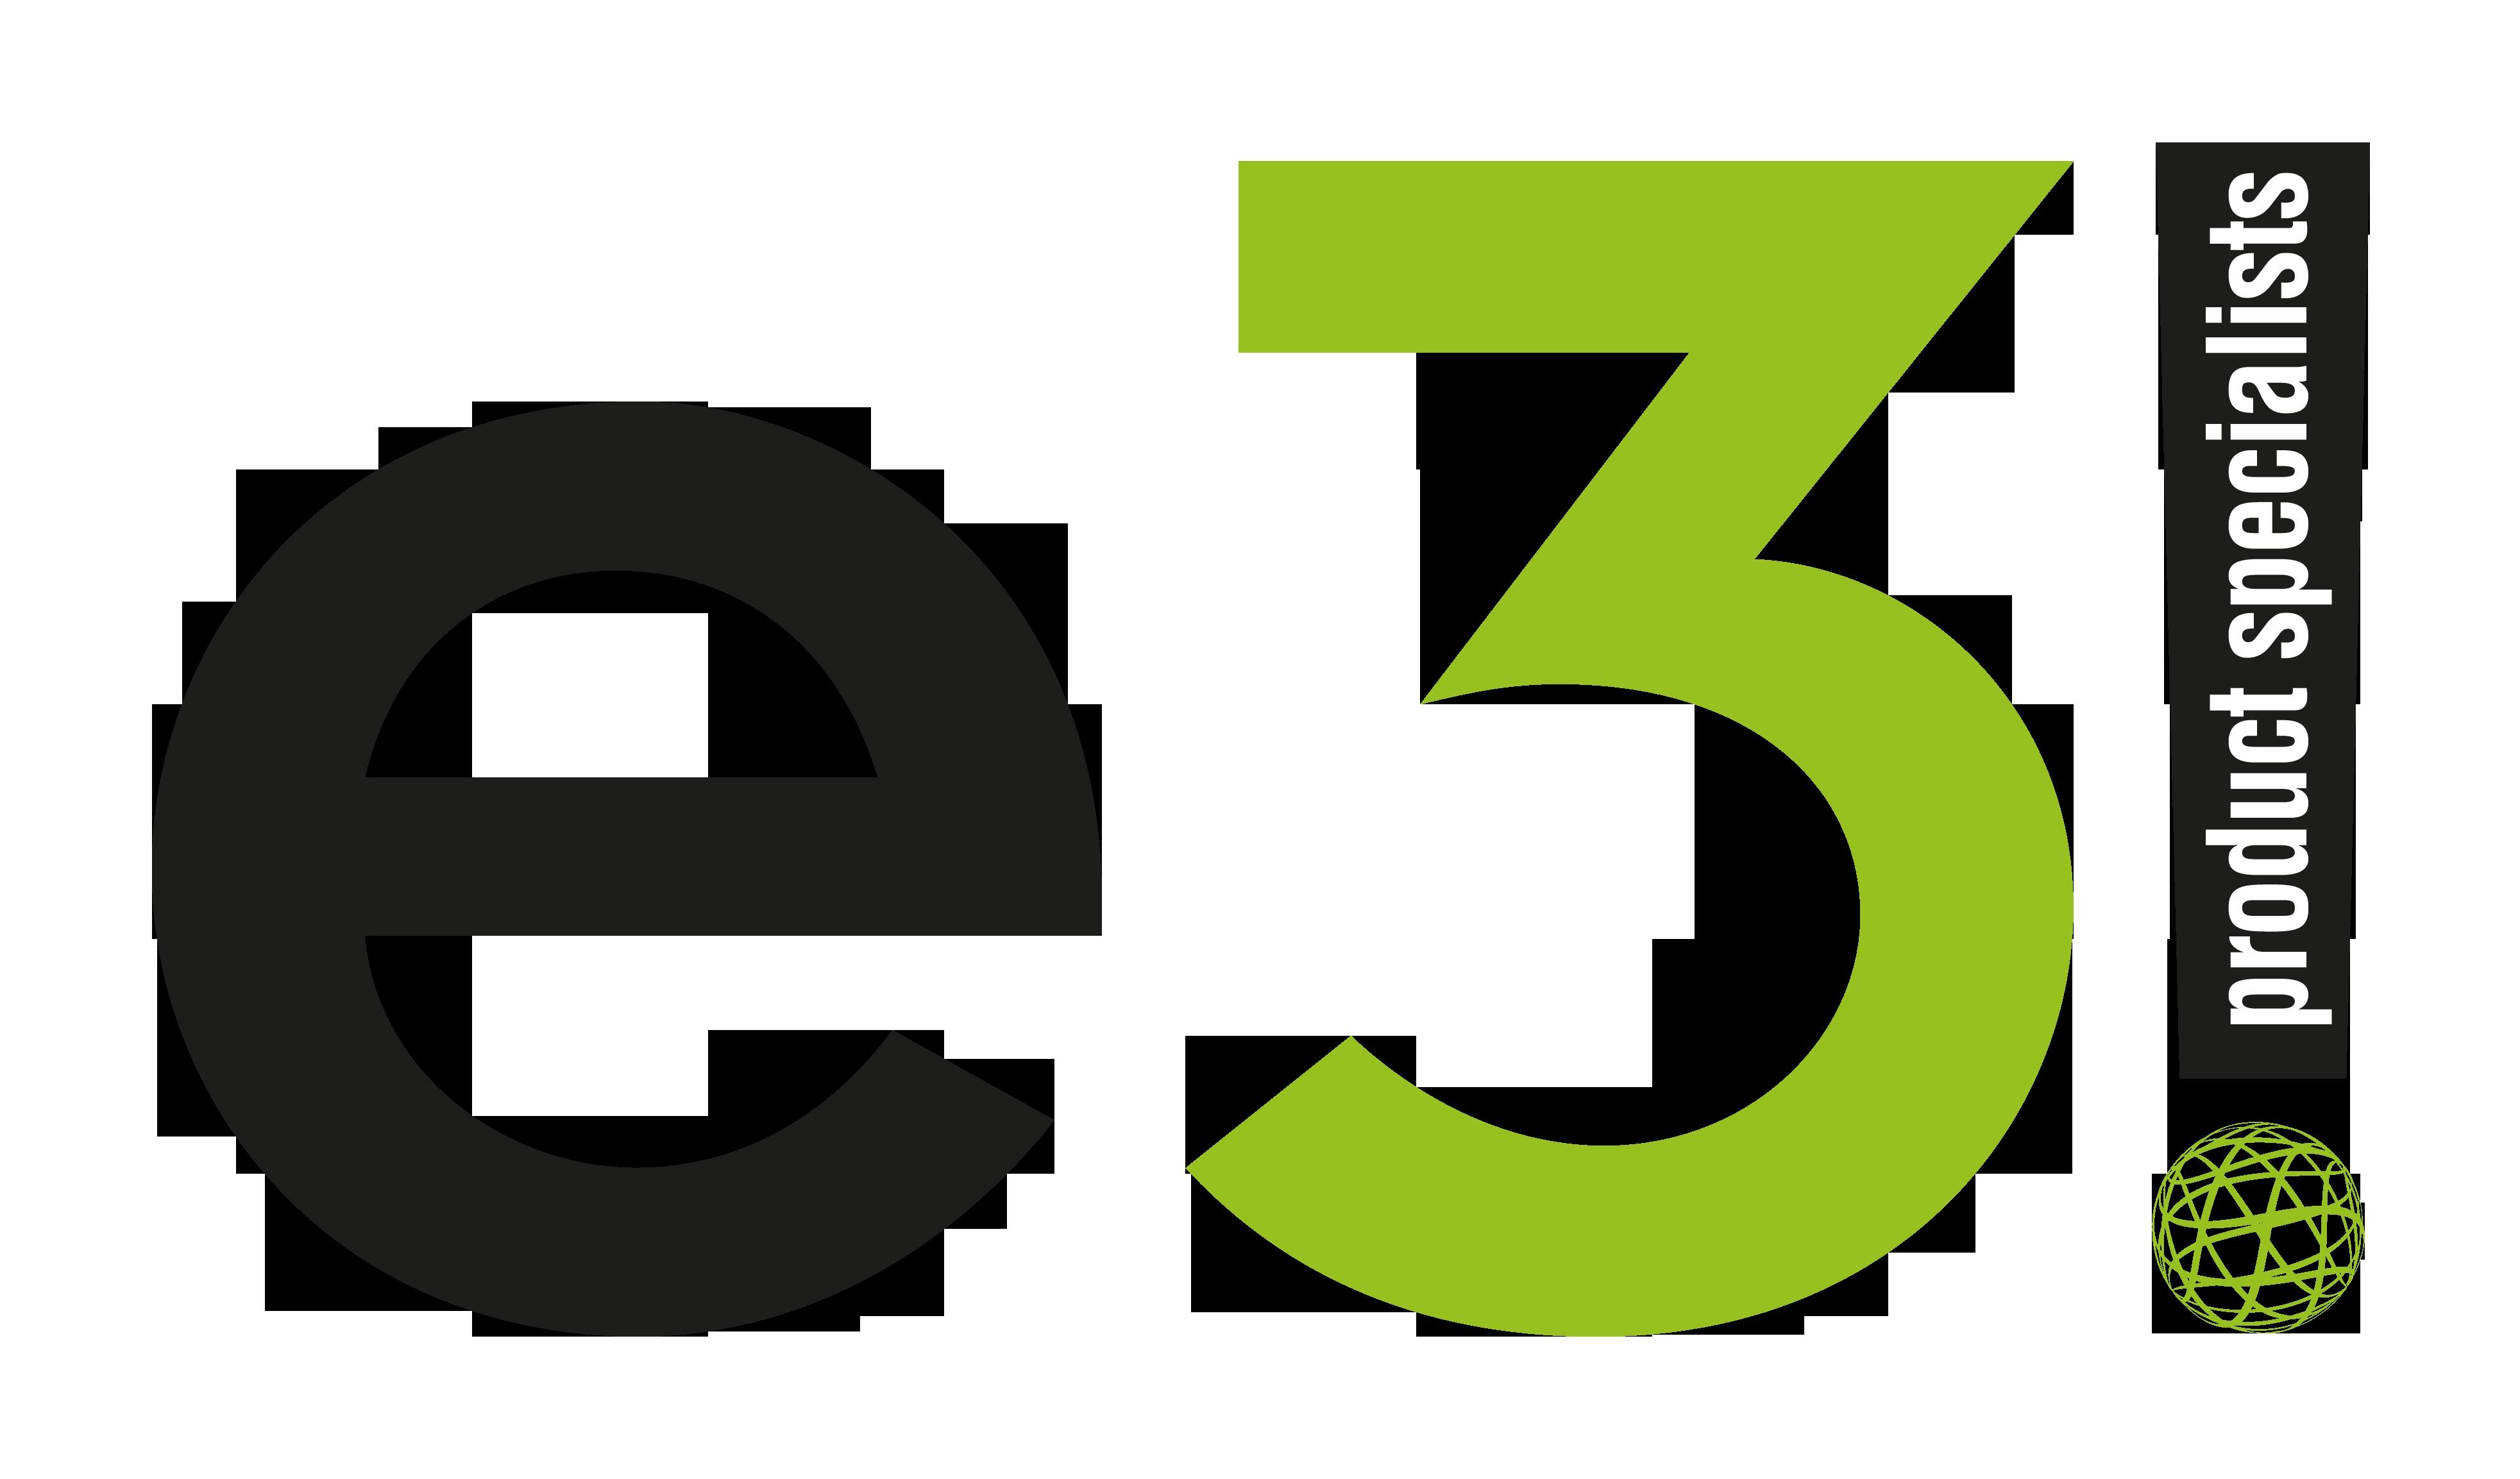 e3 hd wallpapers hd wallpapers E3 Game Award Symbol Official Expo 2020 Logo